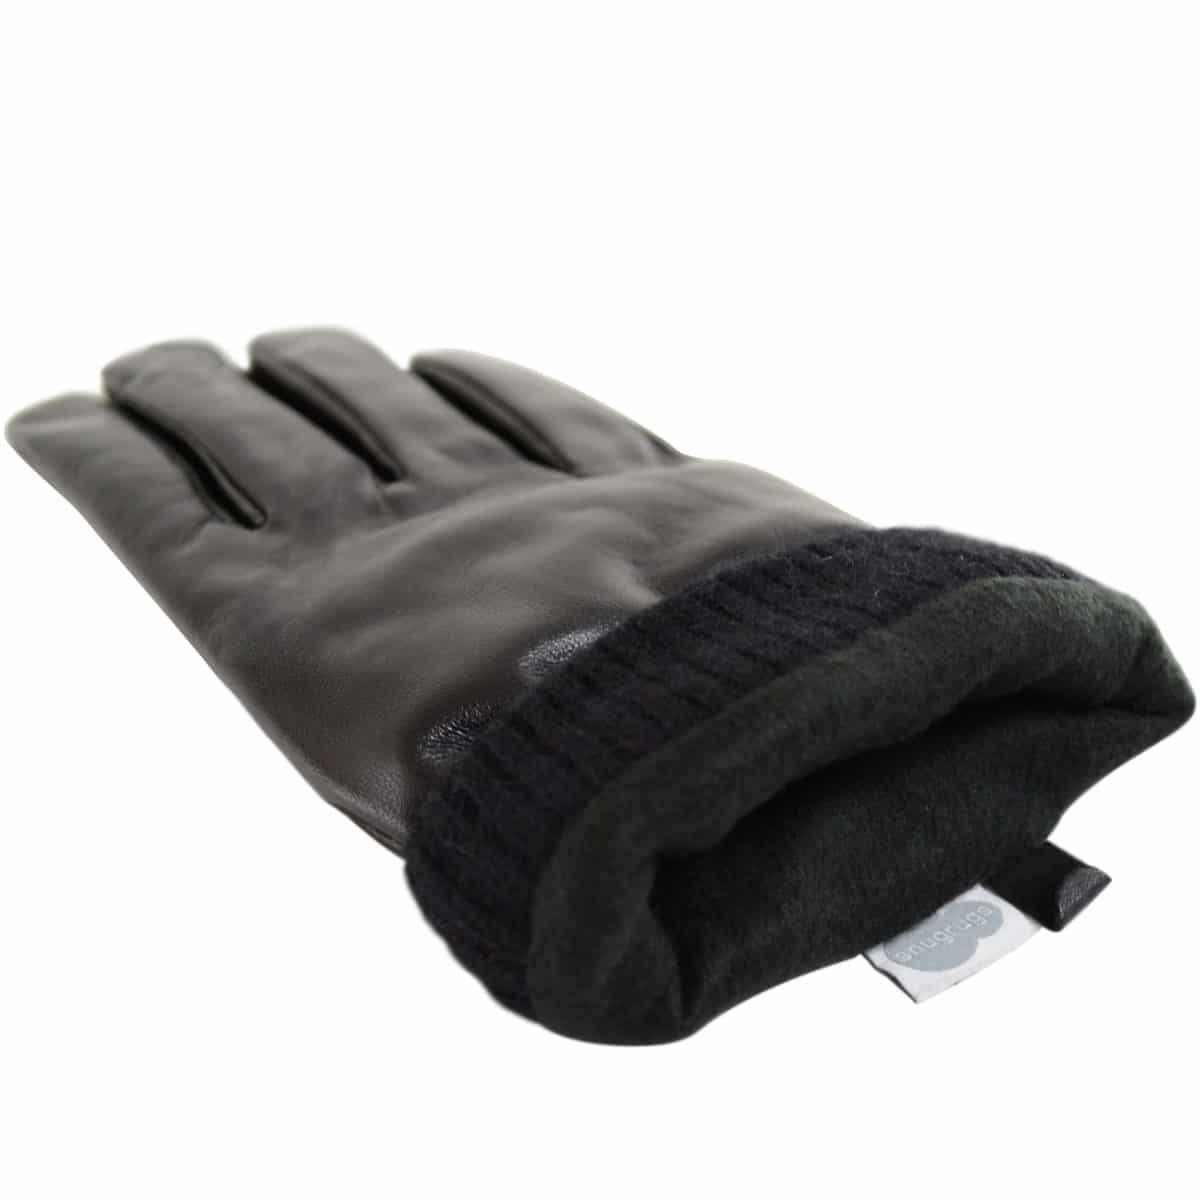 Leather Biker Stud Gloves – Black